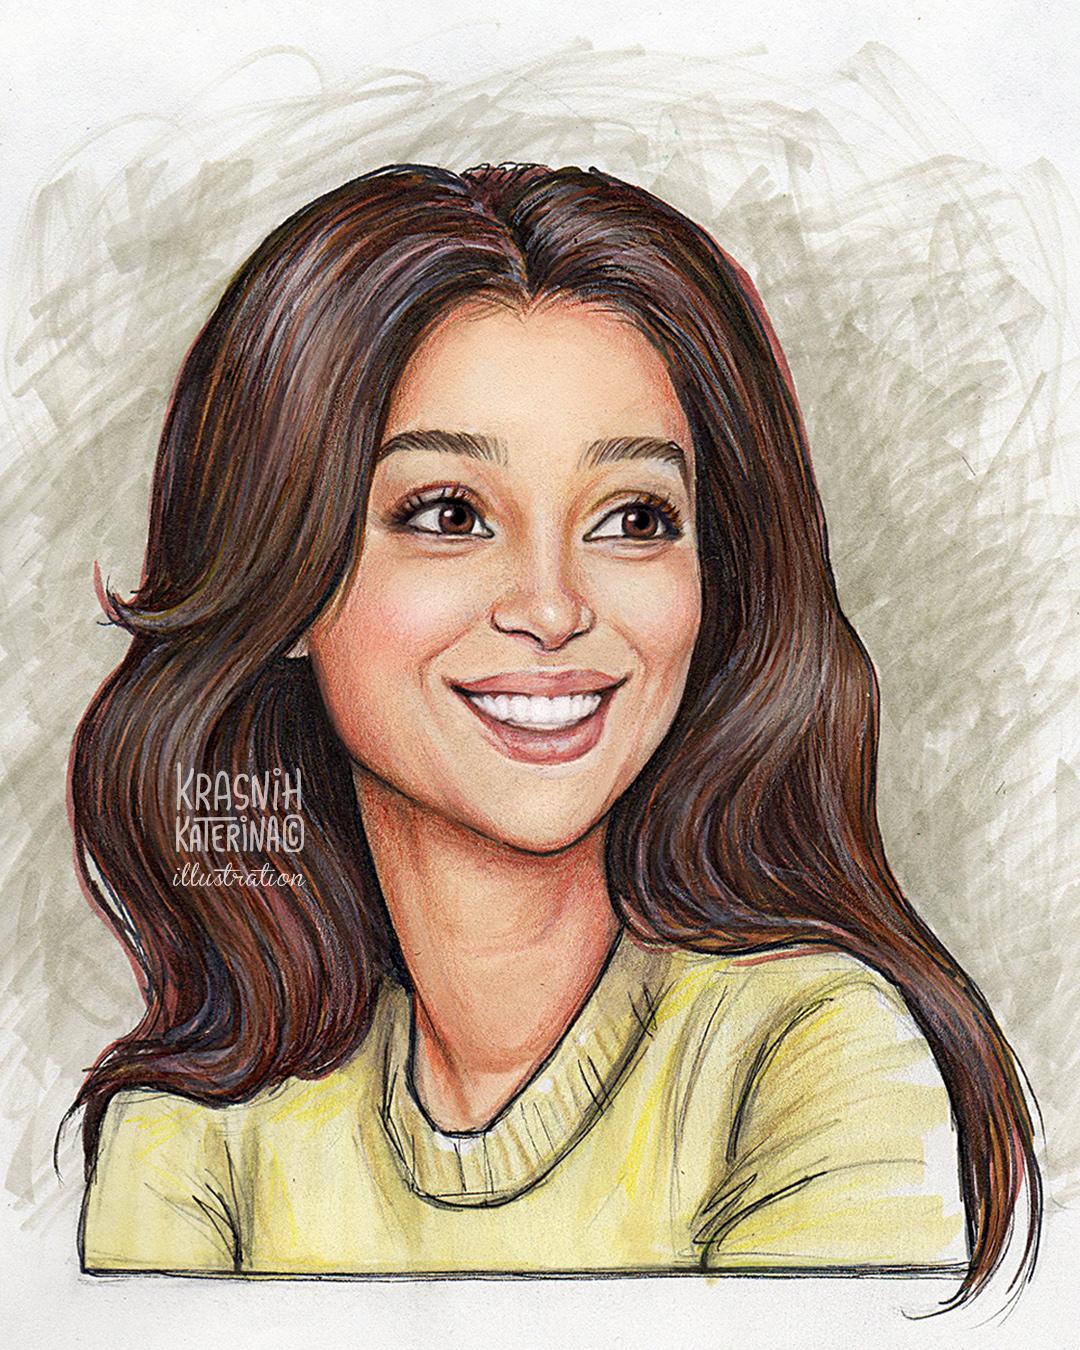 стилизованный портрет мультяшный образ индивидуальная портретная иллюстрация в мультяшном стиле рисунок девушки Равшана Куркова арт